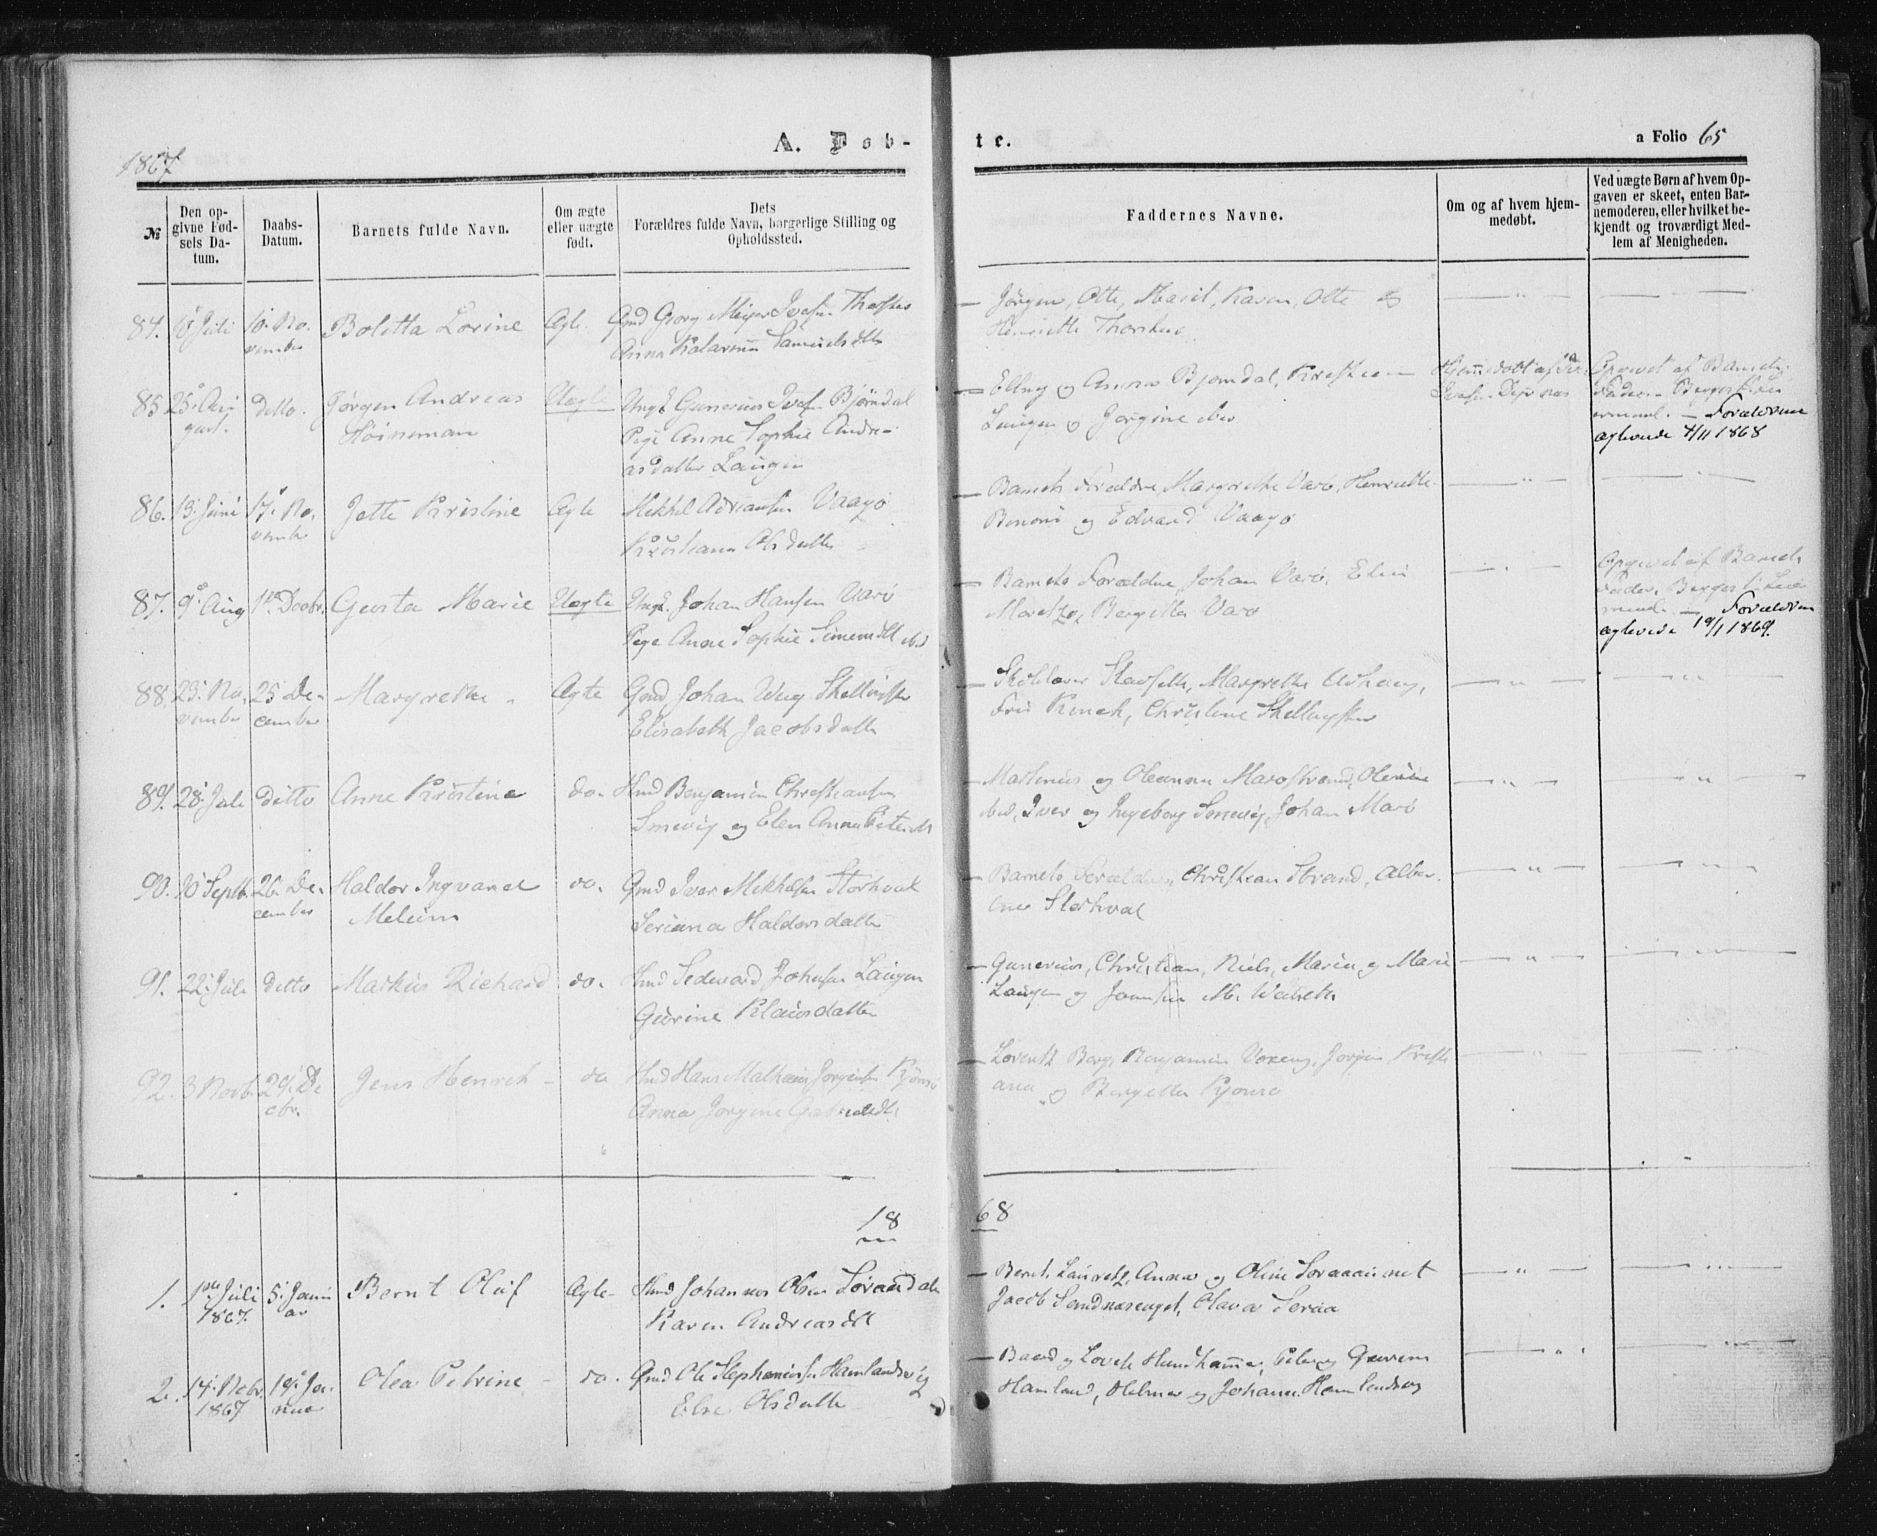 SAT, Ministerialprotokoller, klokkerbøker og fødselsregistre - Nord-Trøndelag, 784/L0670: Ministerialbok nr. 784A05, 1860-1876, s. 65